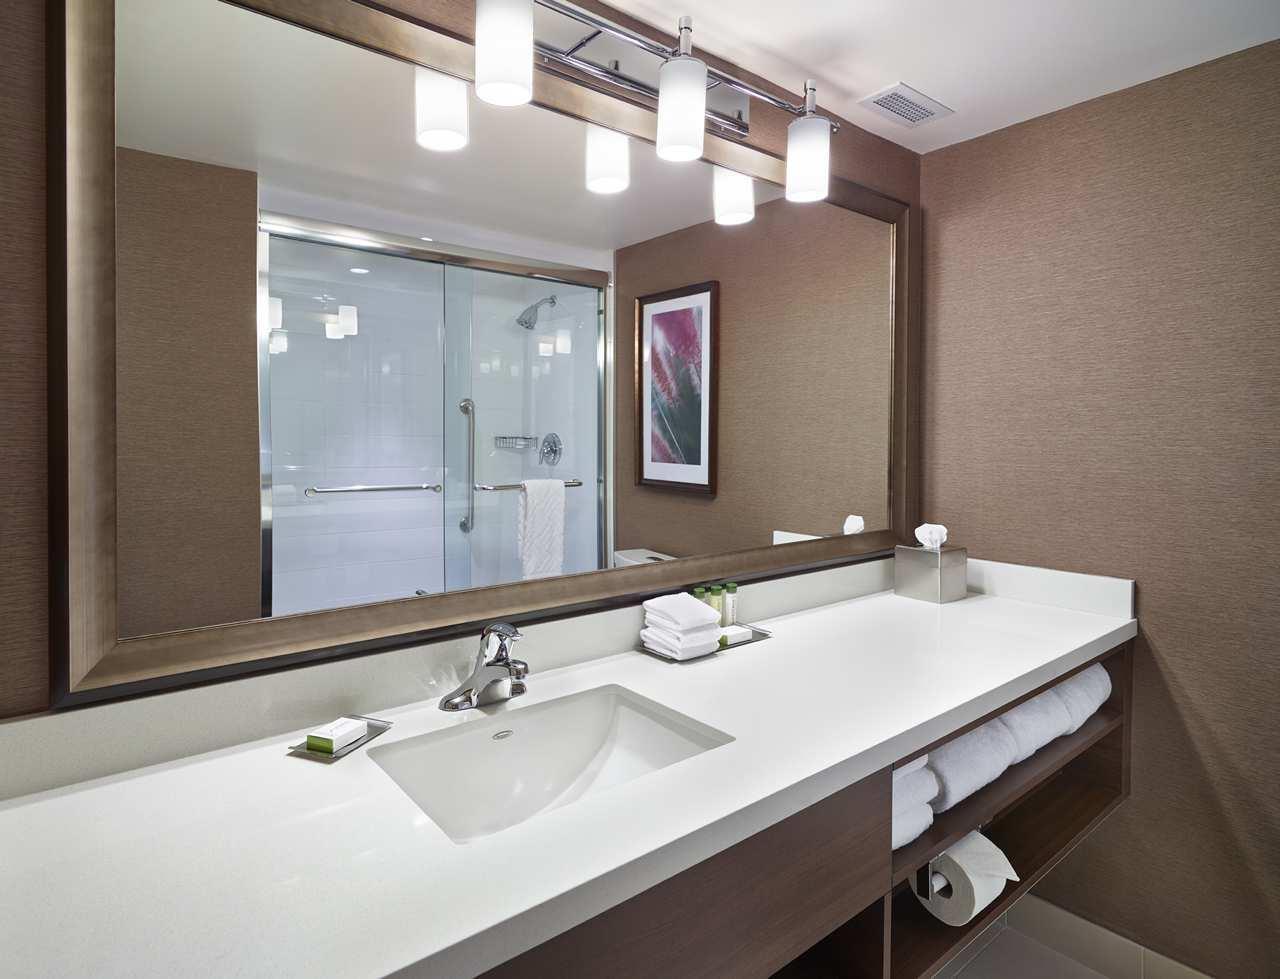 DoubleTree by Hilton Hotel West Edmonton in Edmonton: Standard Guest Bathroom